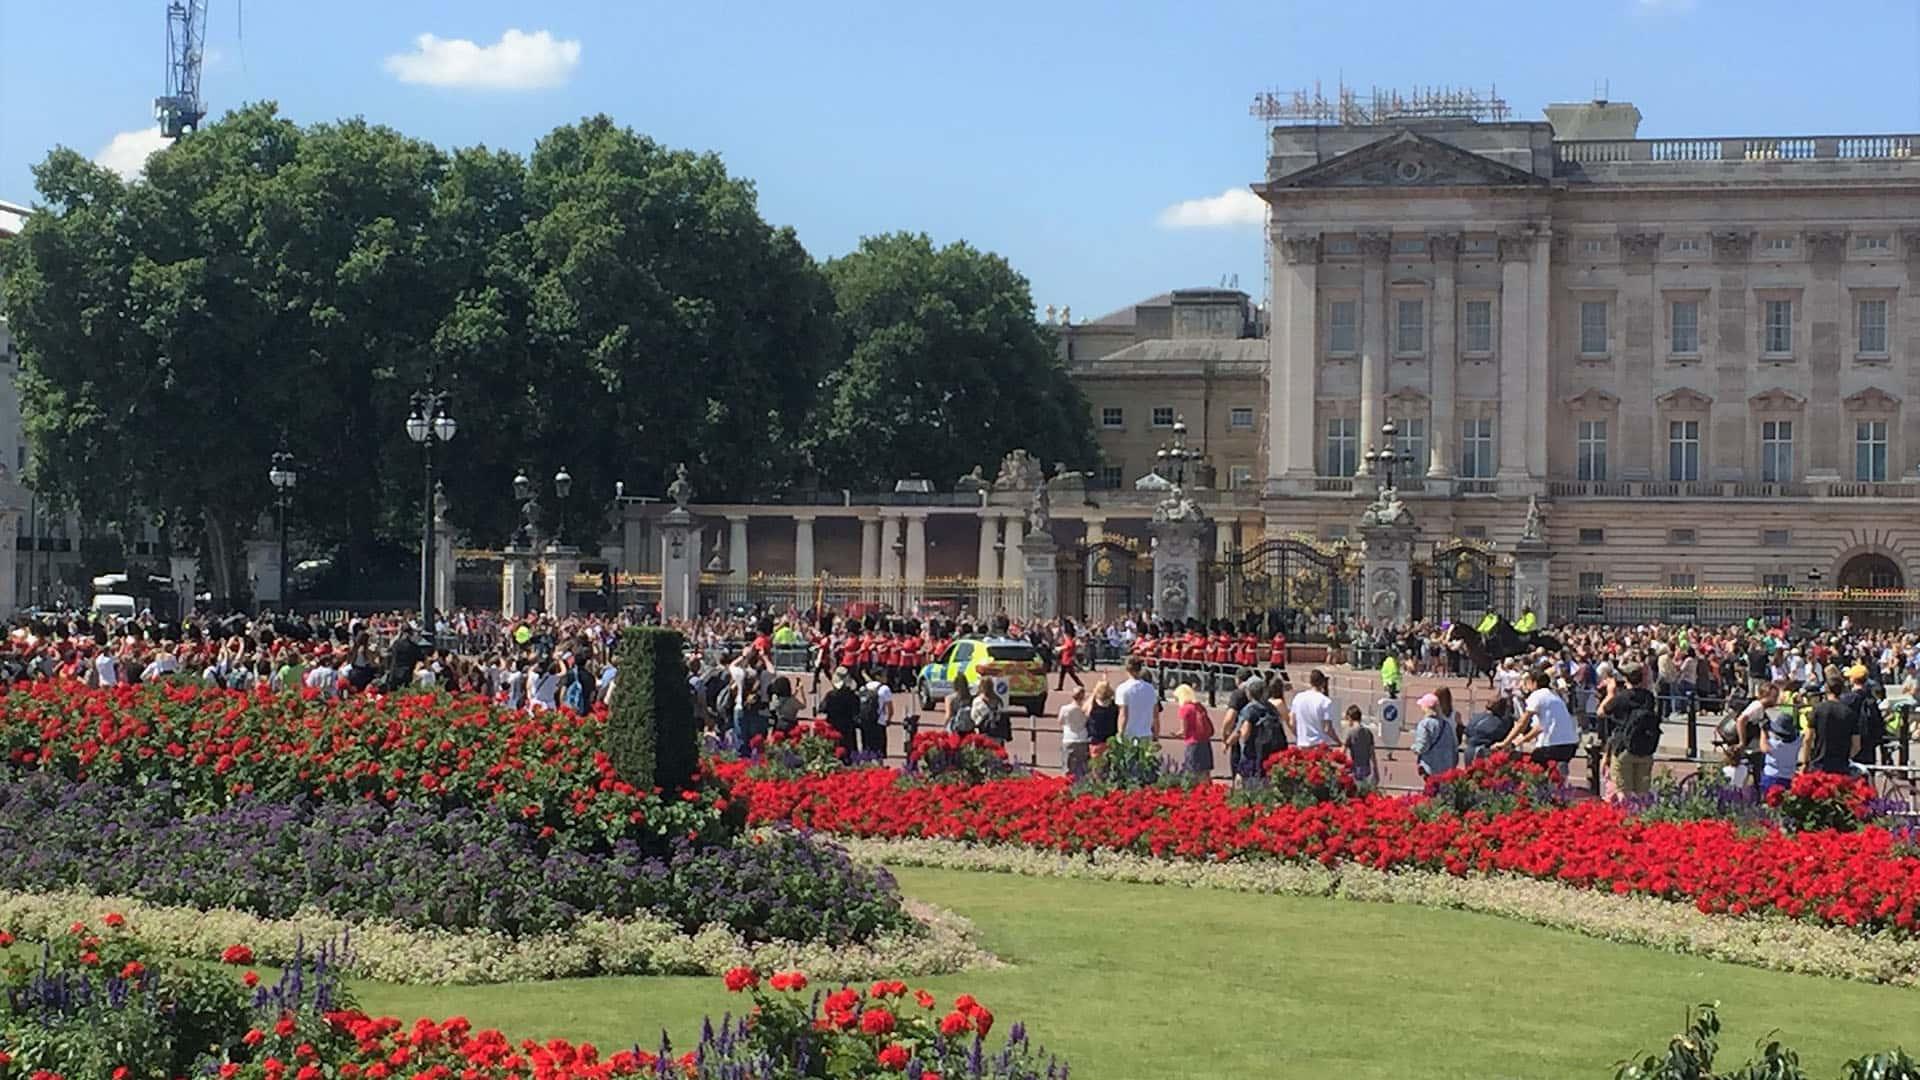 Buckingham Palace The Crown Walking Tour